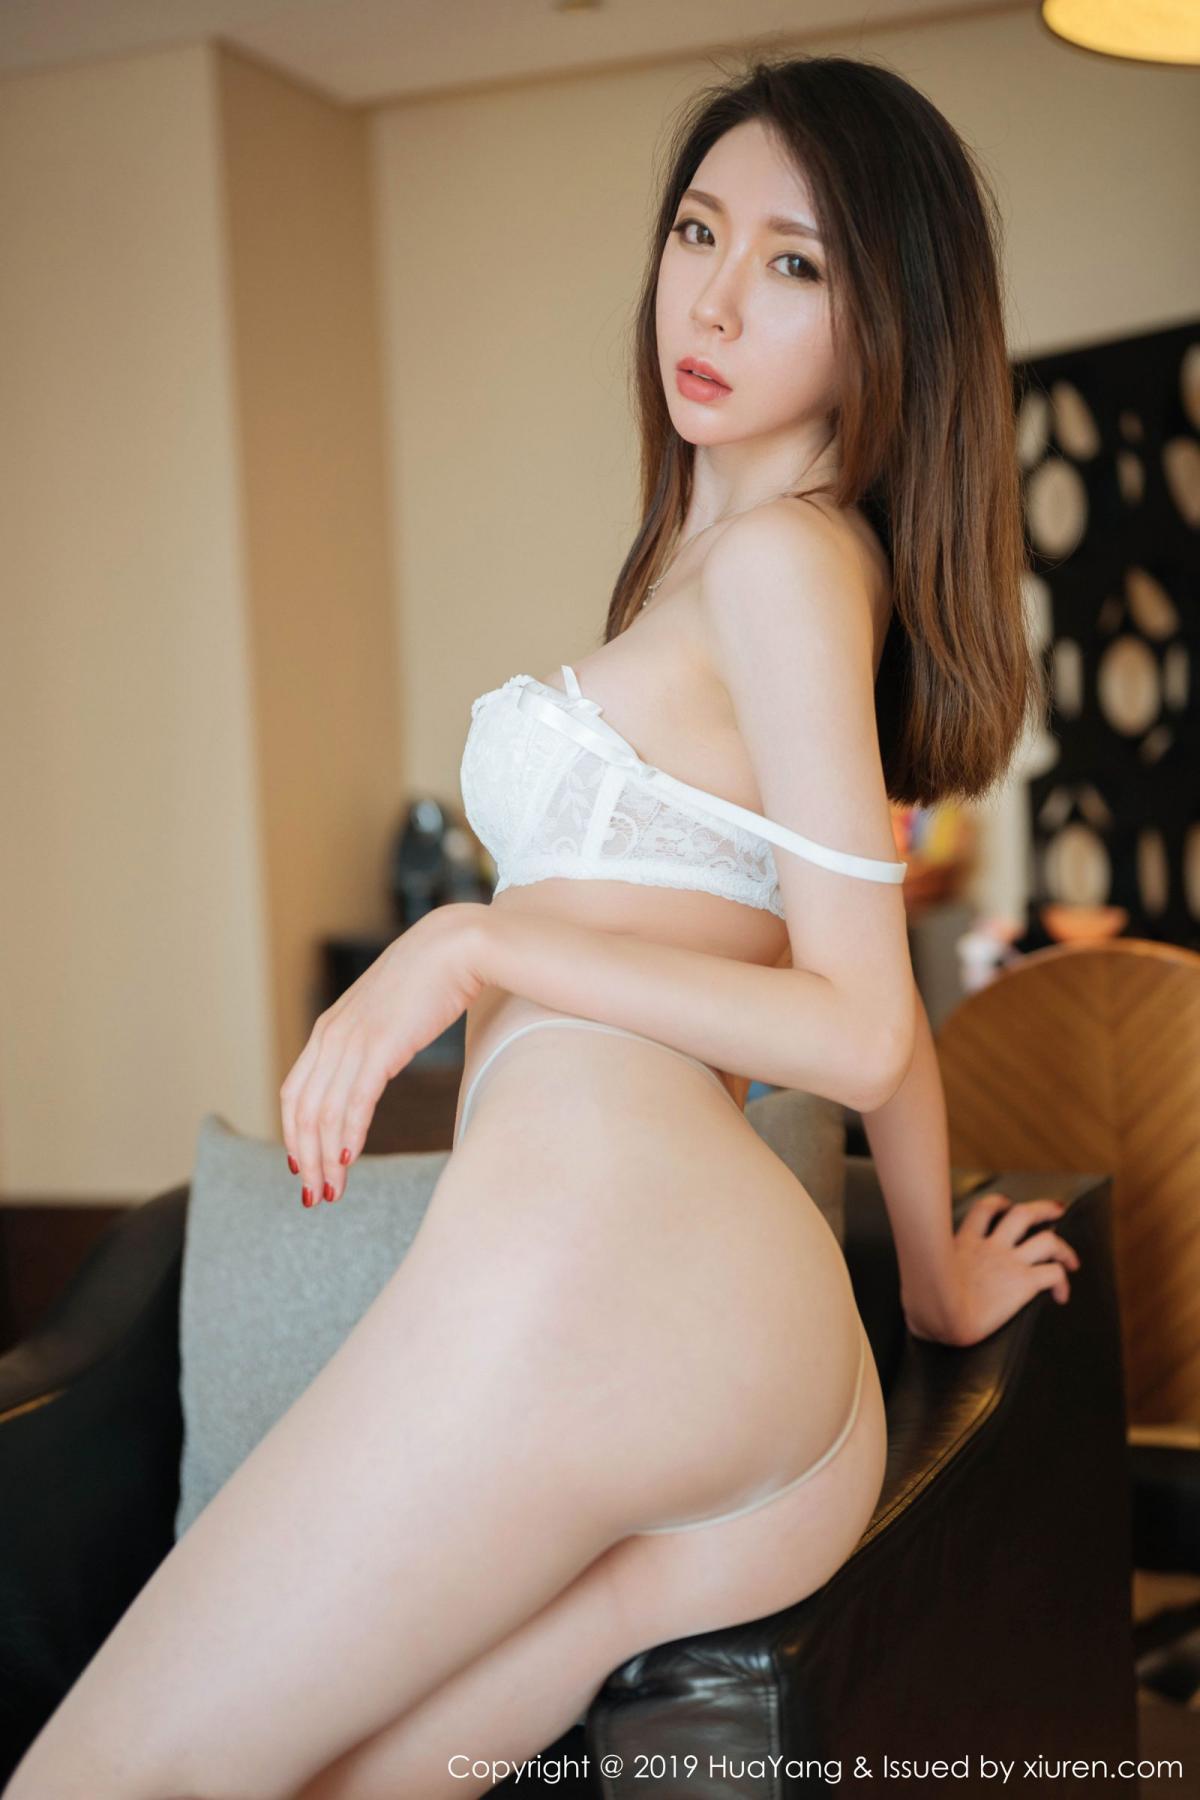 [Huayang] Vol.170 Meng Xin Yue 1P, HuaYang, Meng Xin Yue, Tall, Underwear